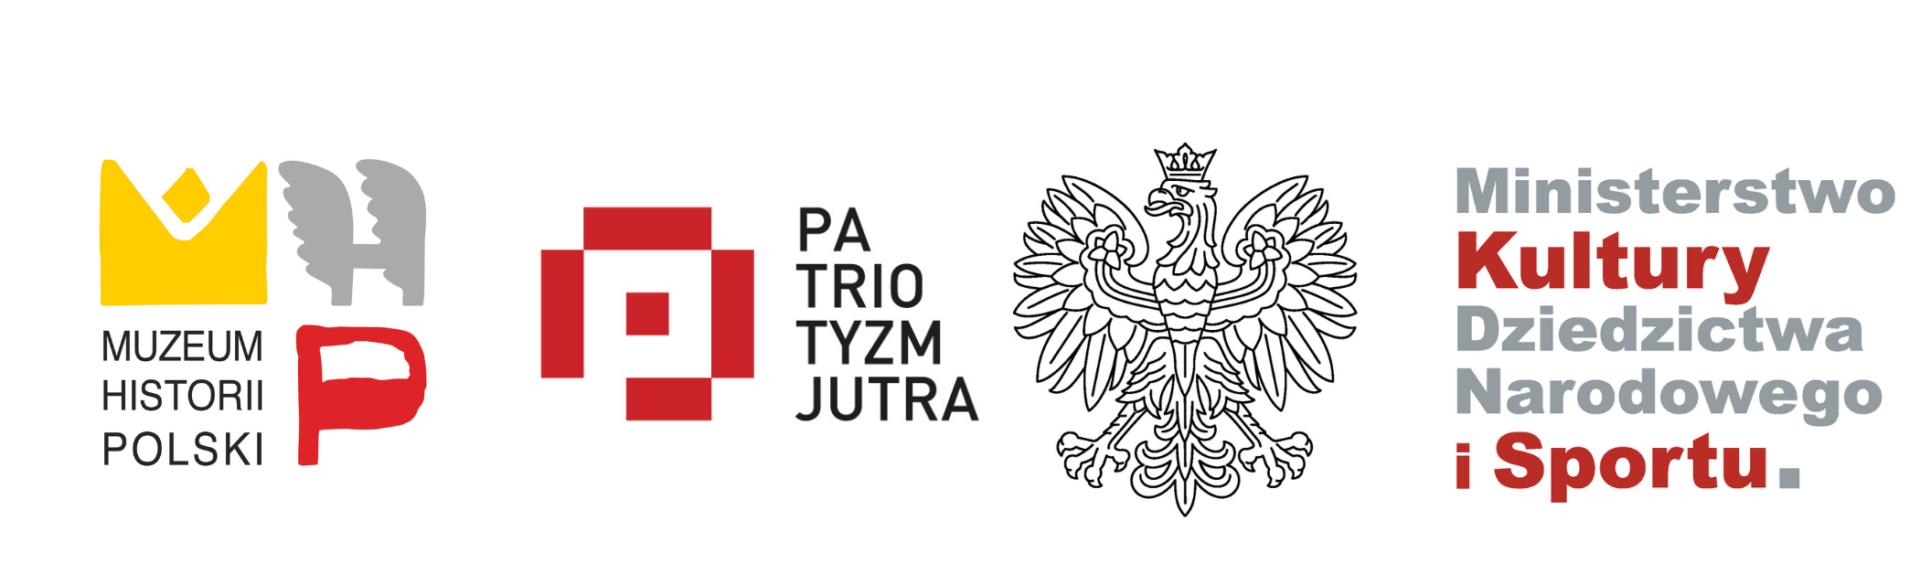 logo muzeum historii polski, programu patriotyzm jutra, ministerstwo kultury, dziedzictwa narodowego isportu